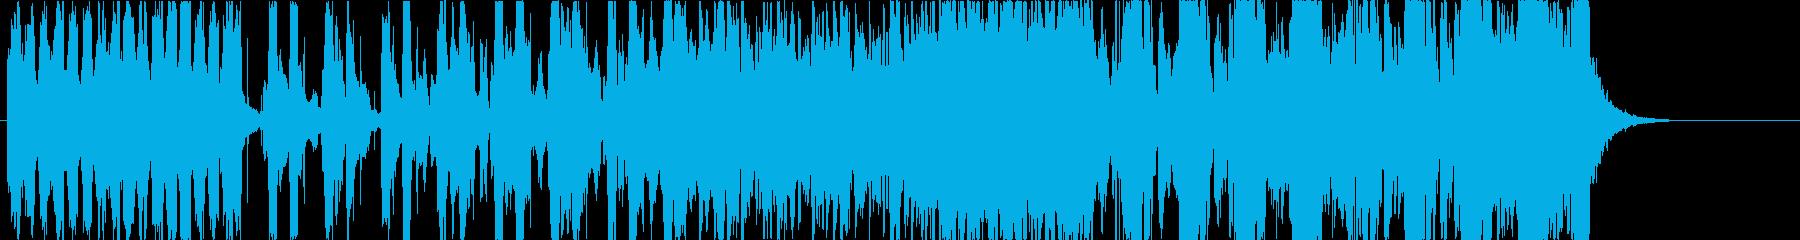 女声ボーカル×洋楽/透明感のあるEDMの再生済みの波形